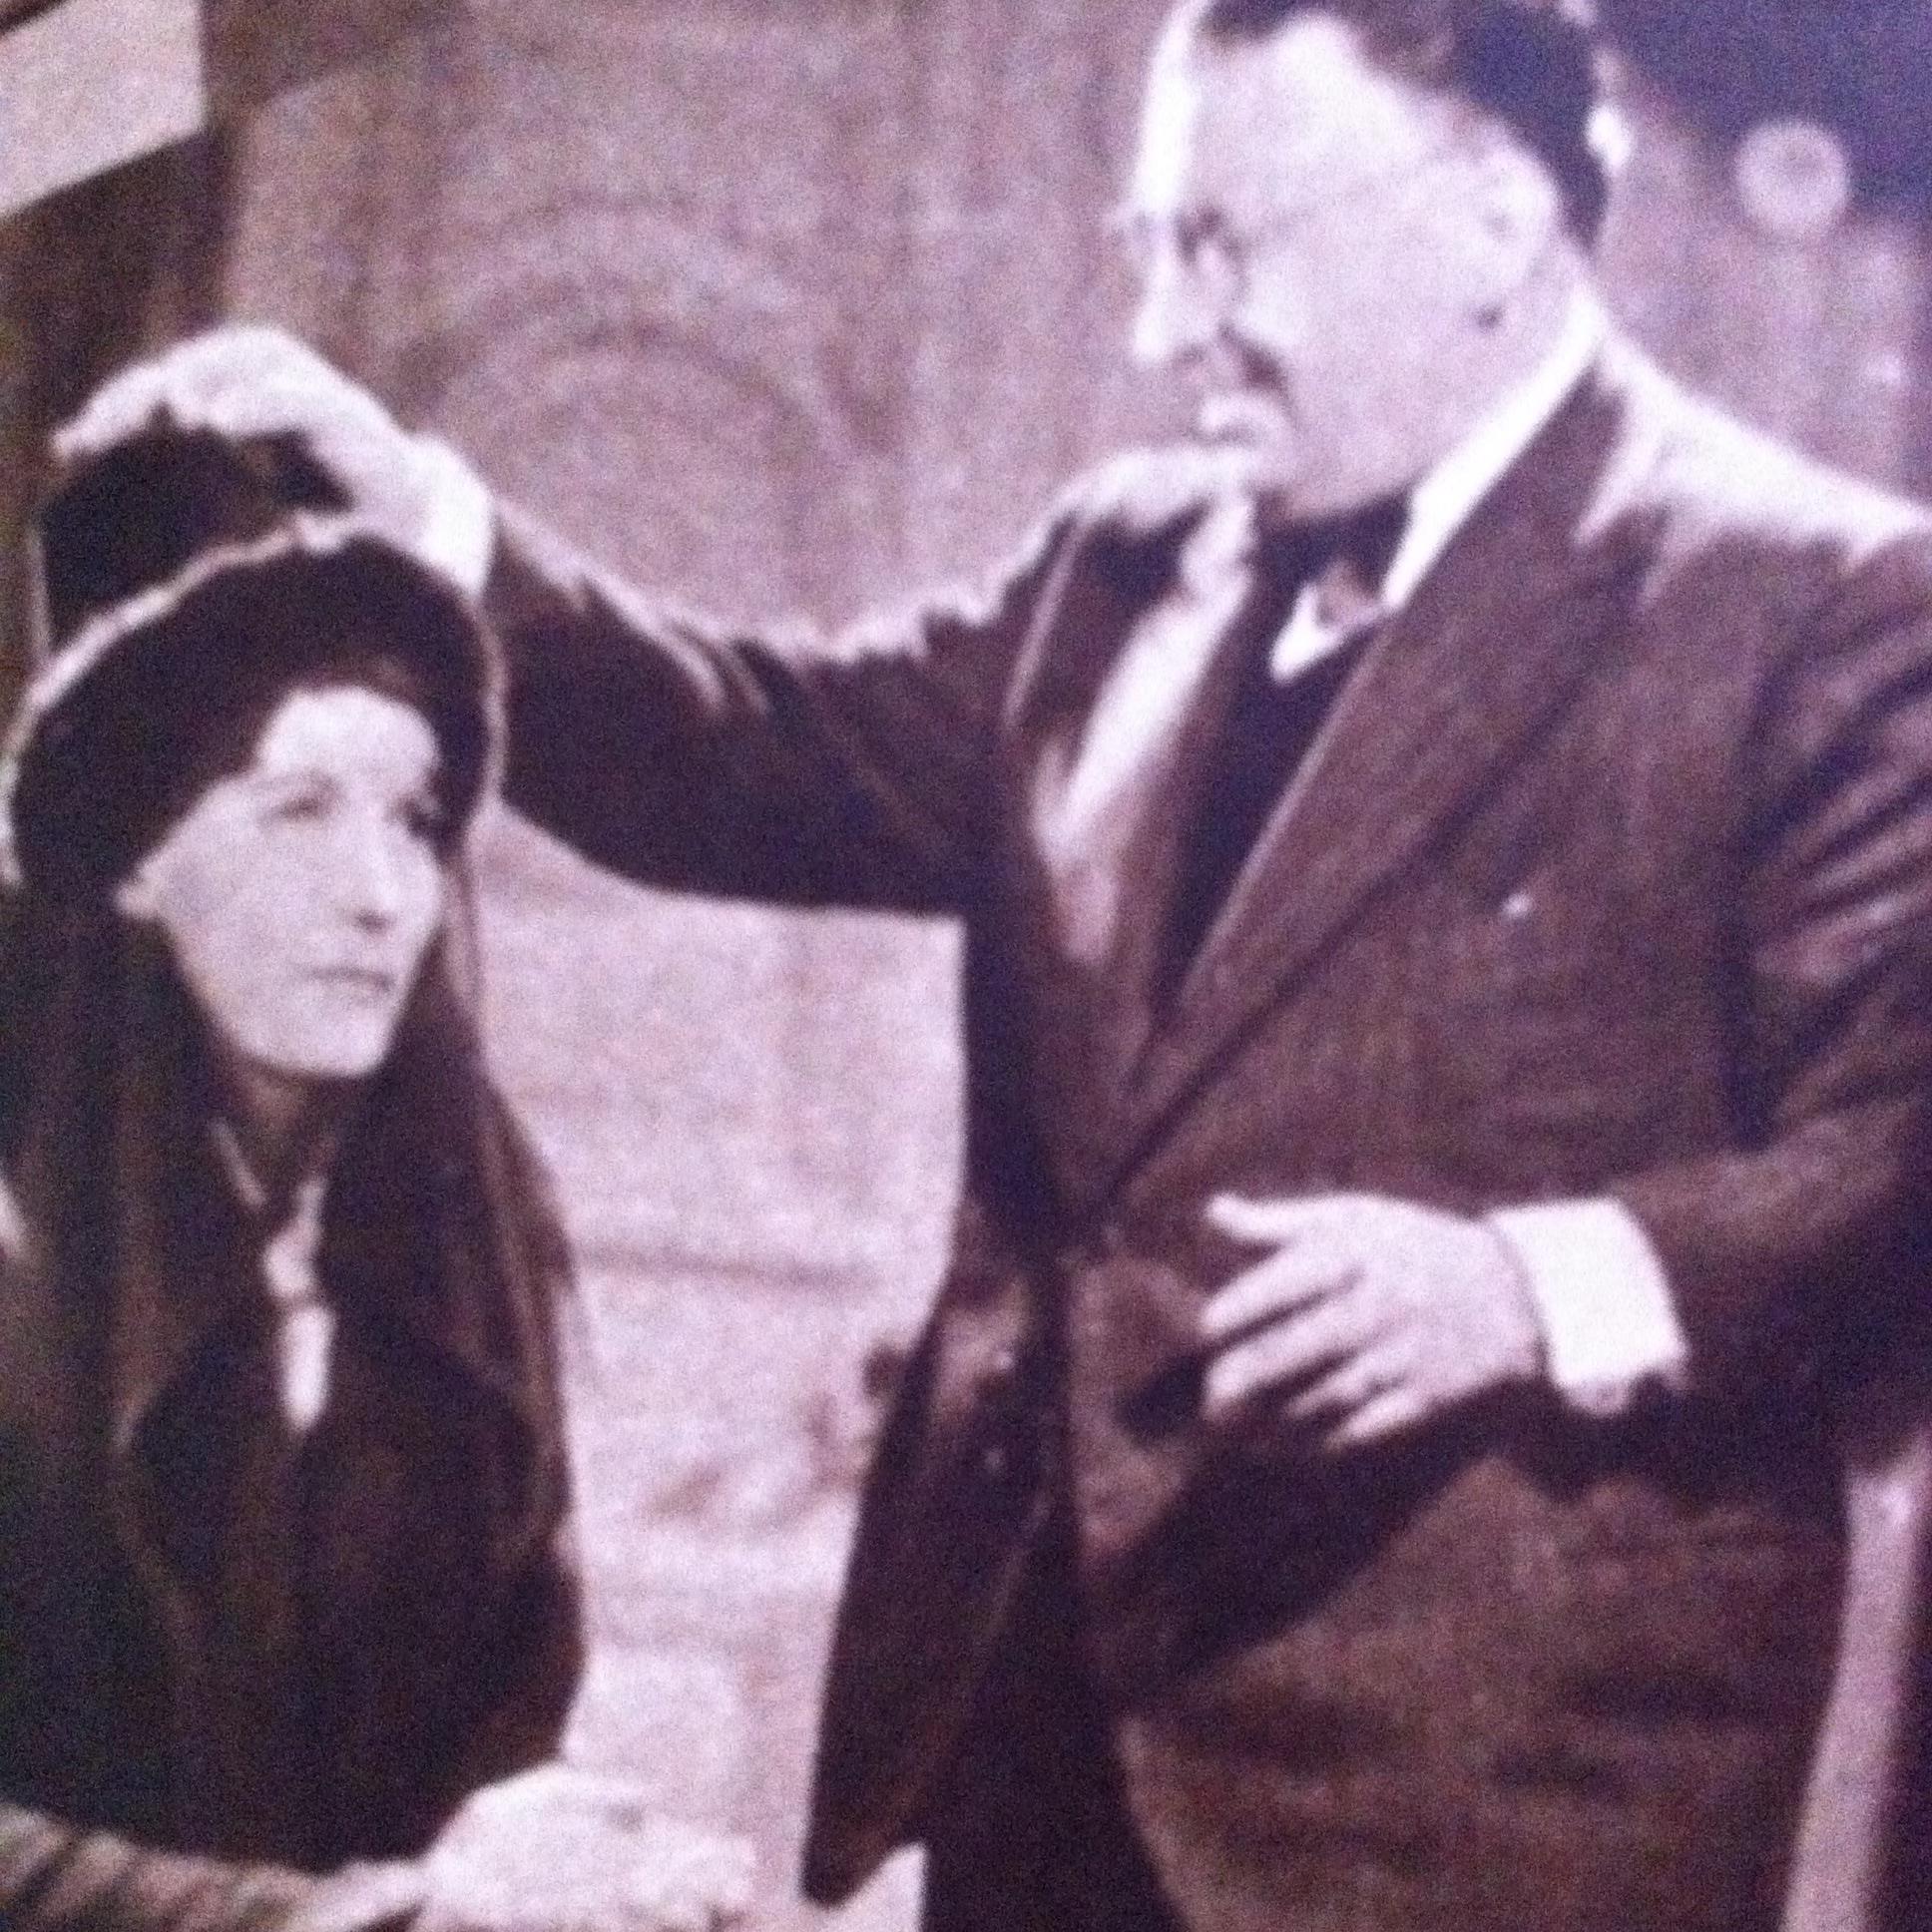 Greta Garbo and Karl Freund in Conquest (1937)